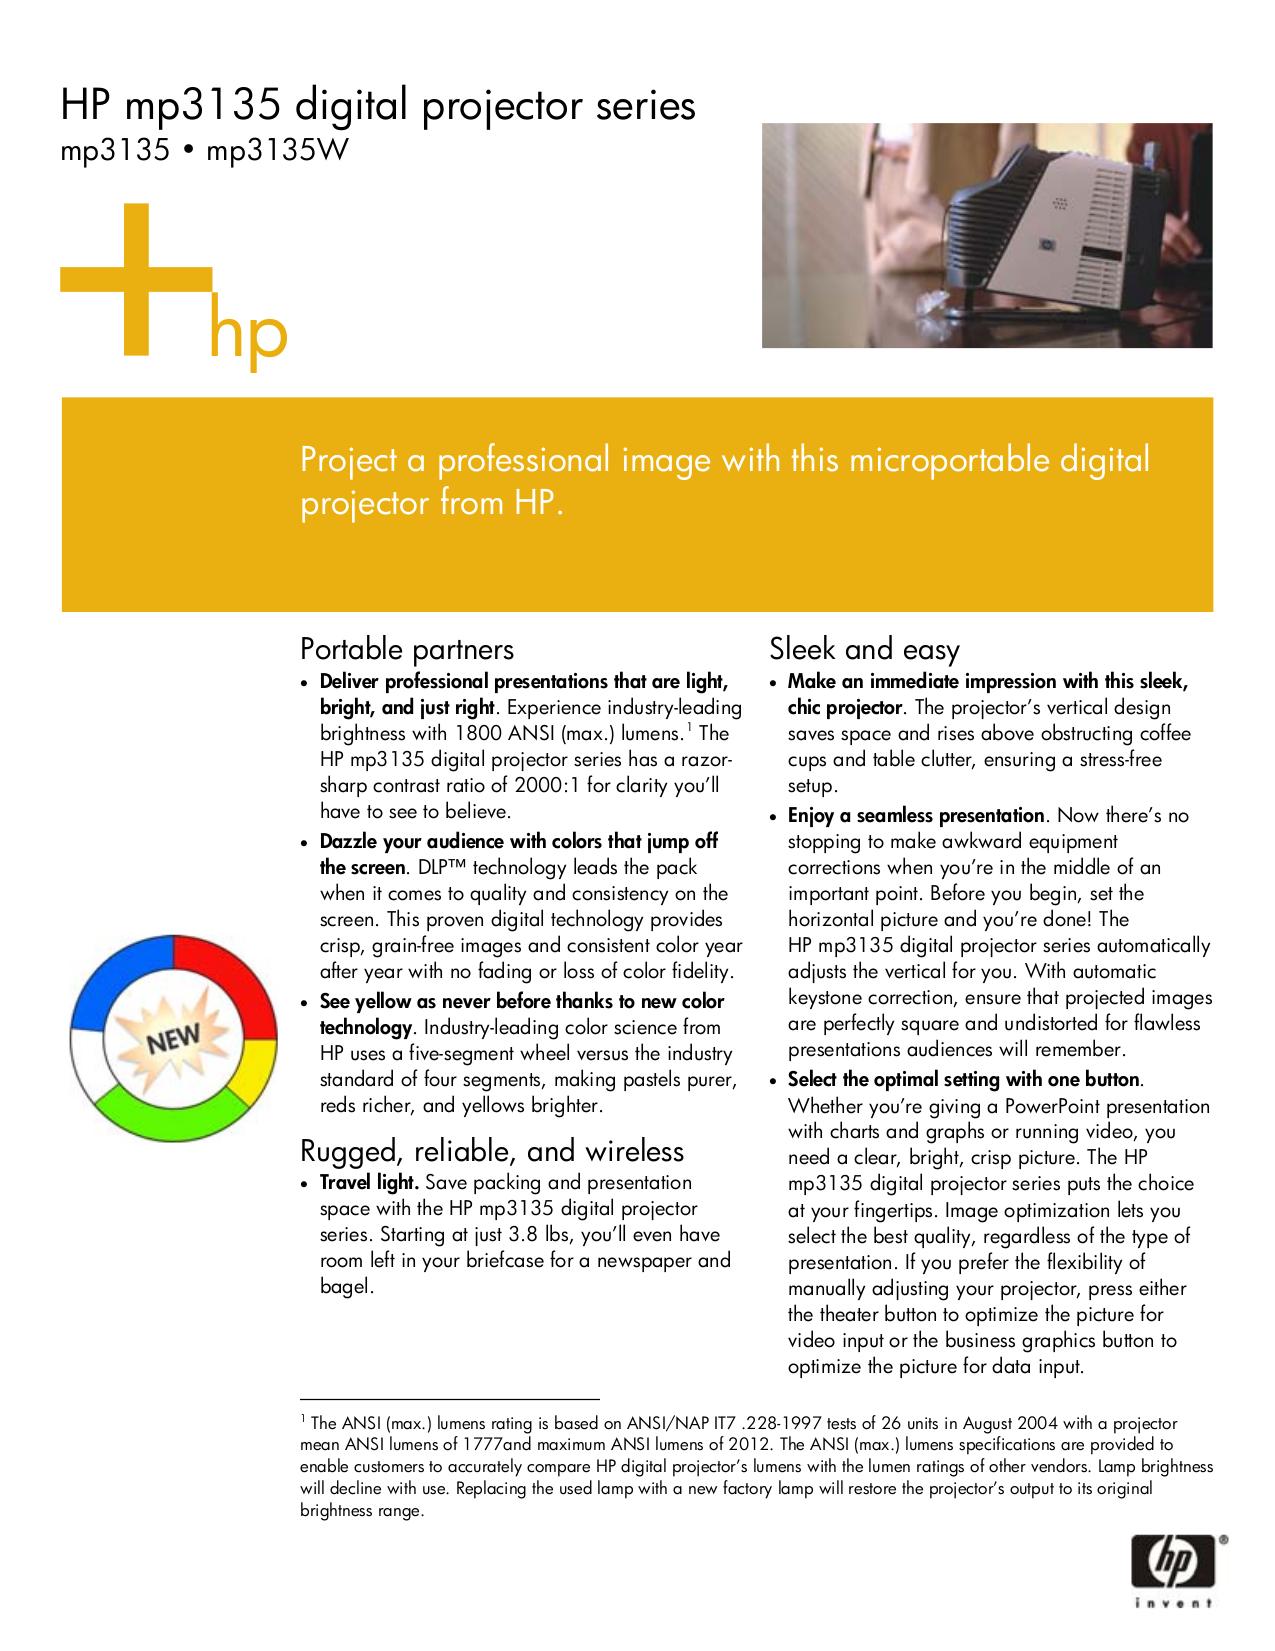 Hp mp3135 digital projector manuals.